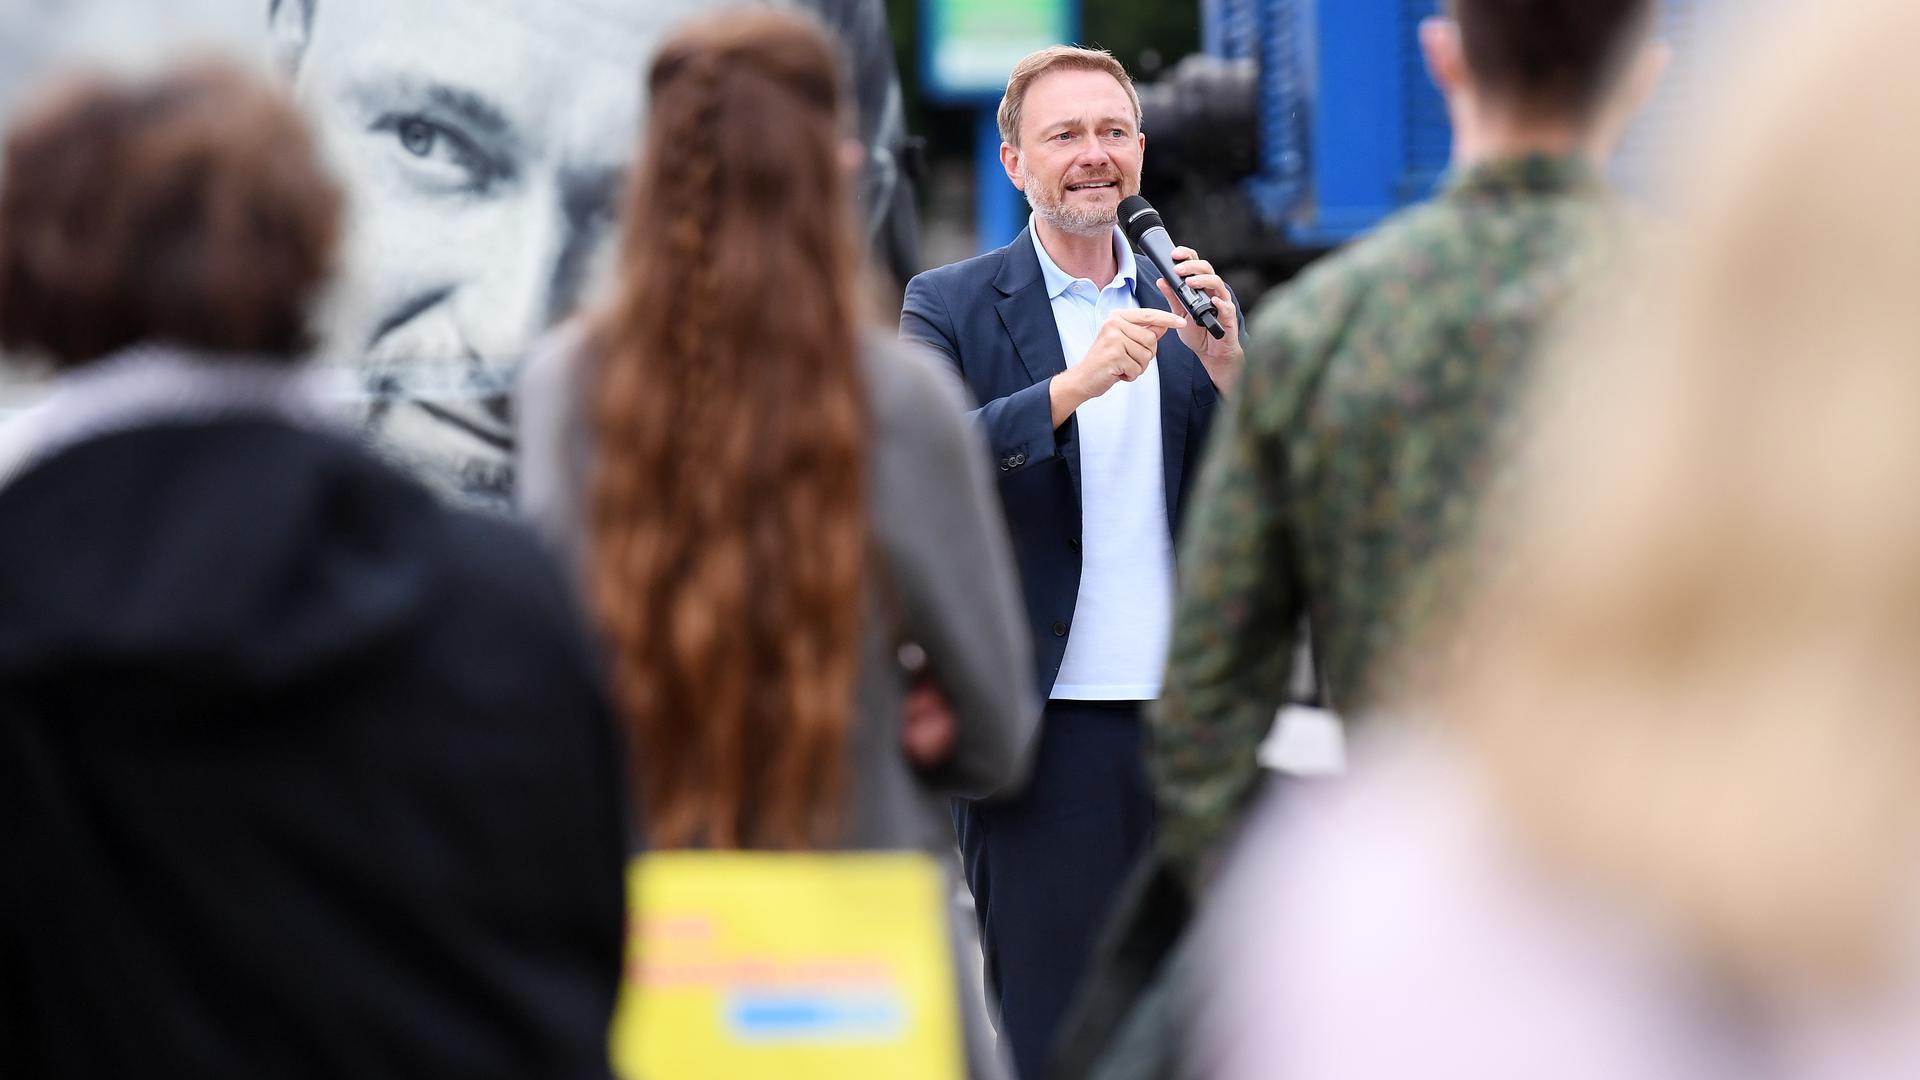 FDP-Parteichef und Spitzenkandidat der FDP zur Bundestagswahl 2021, Christian Lindner, spricht bei einer Wahlkampfveranstaltung der FDP auf dem Rathausplatz. Bei seiner Wahlkampf-Sommertour ist Lindner auch in Bayern unterwegs. +++ dpa-Bildfunk +++